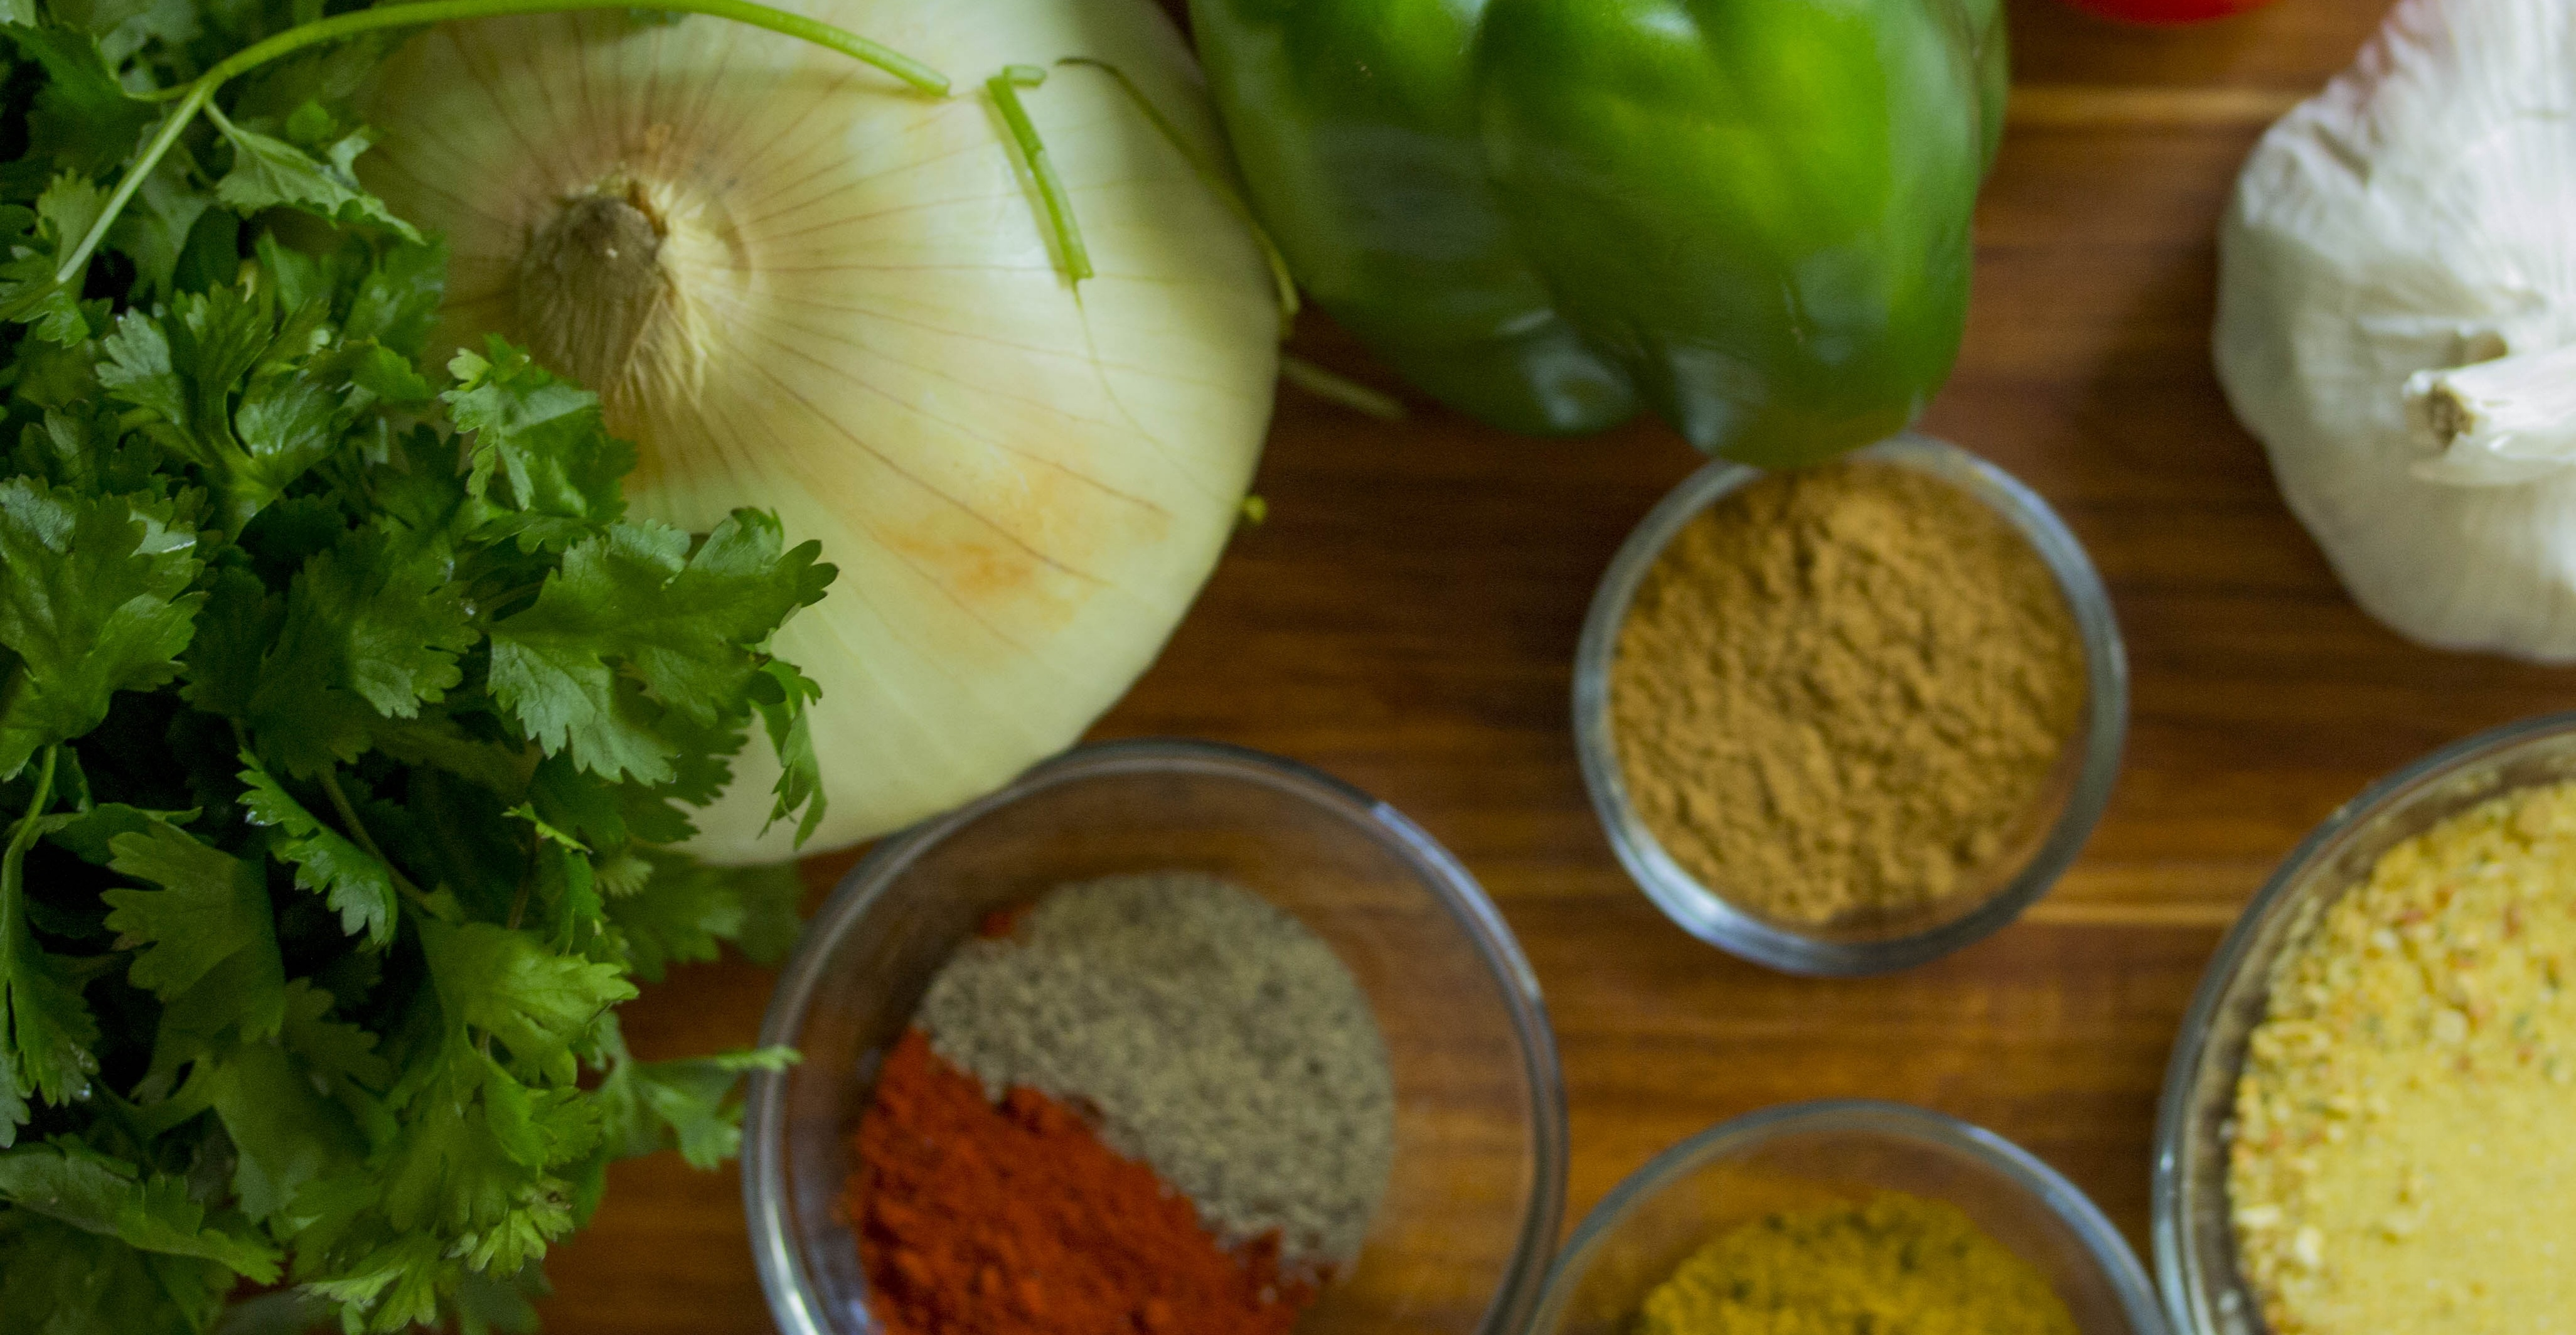 holiday-food-veggies-020075-edited.jpeg